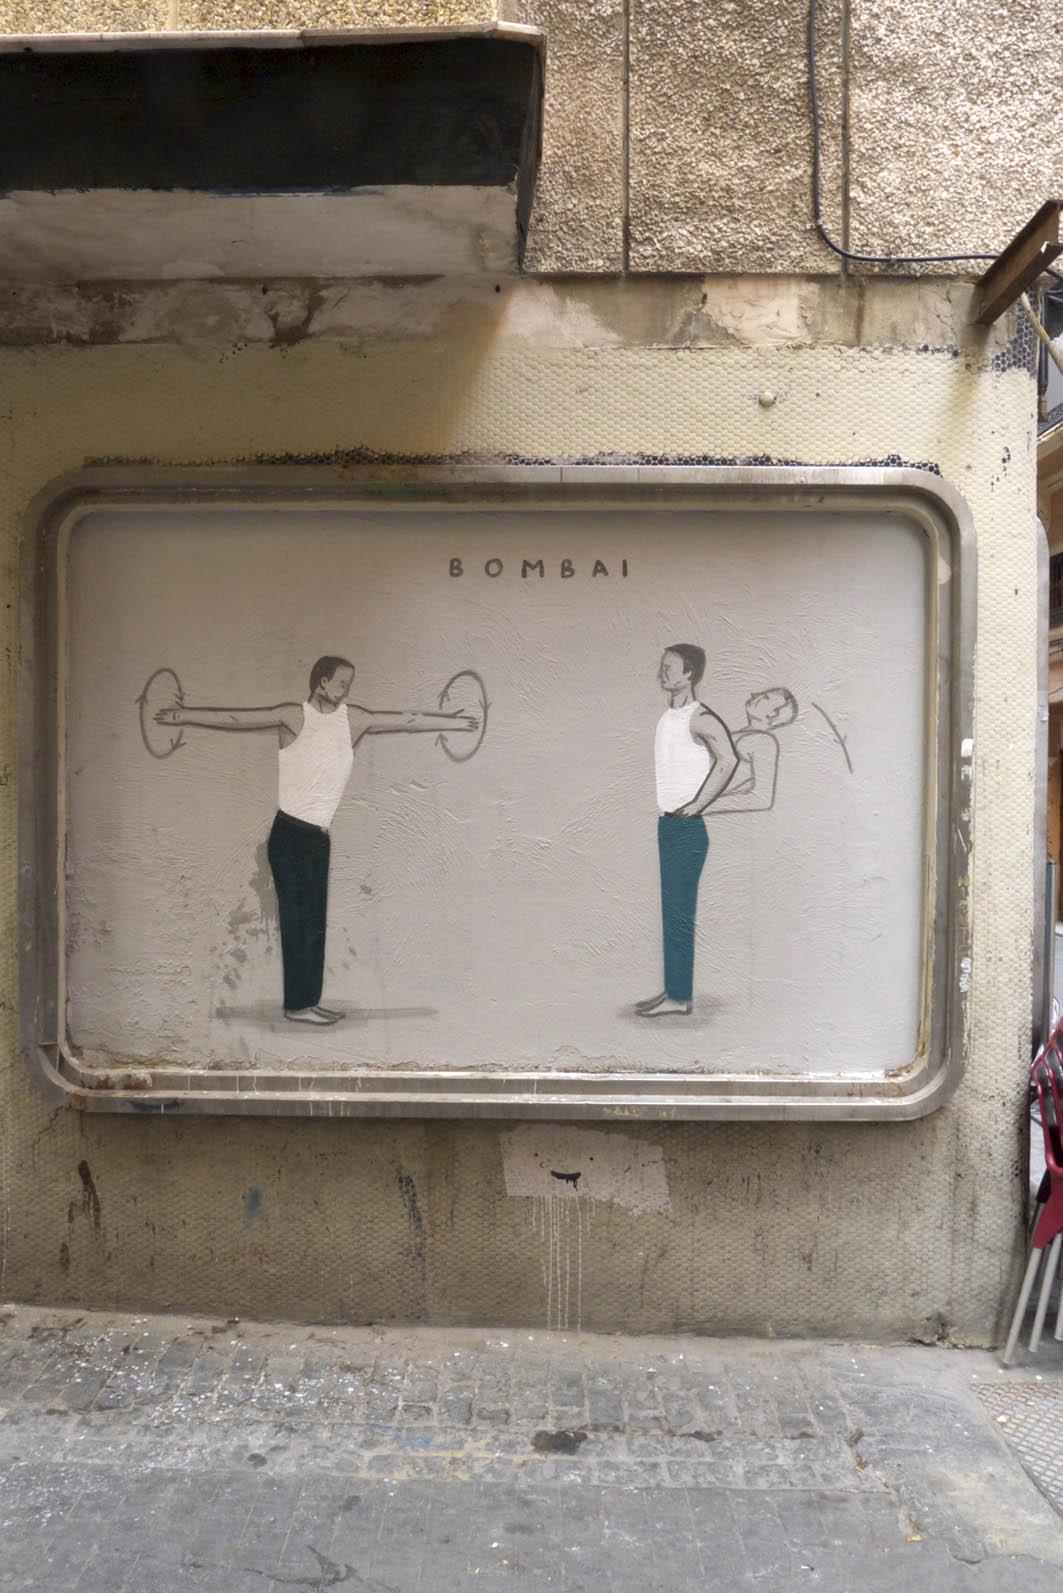 escif-reformas-new-mural-in-valencia-spain-05